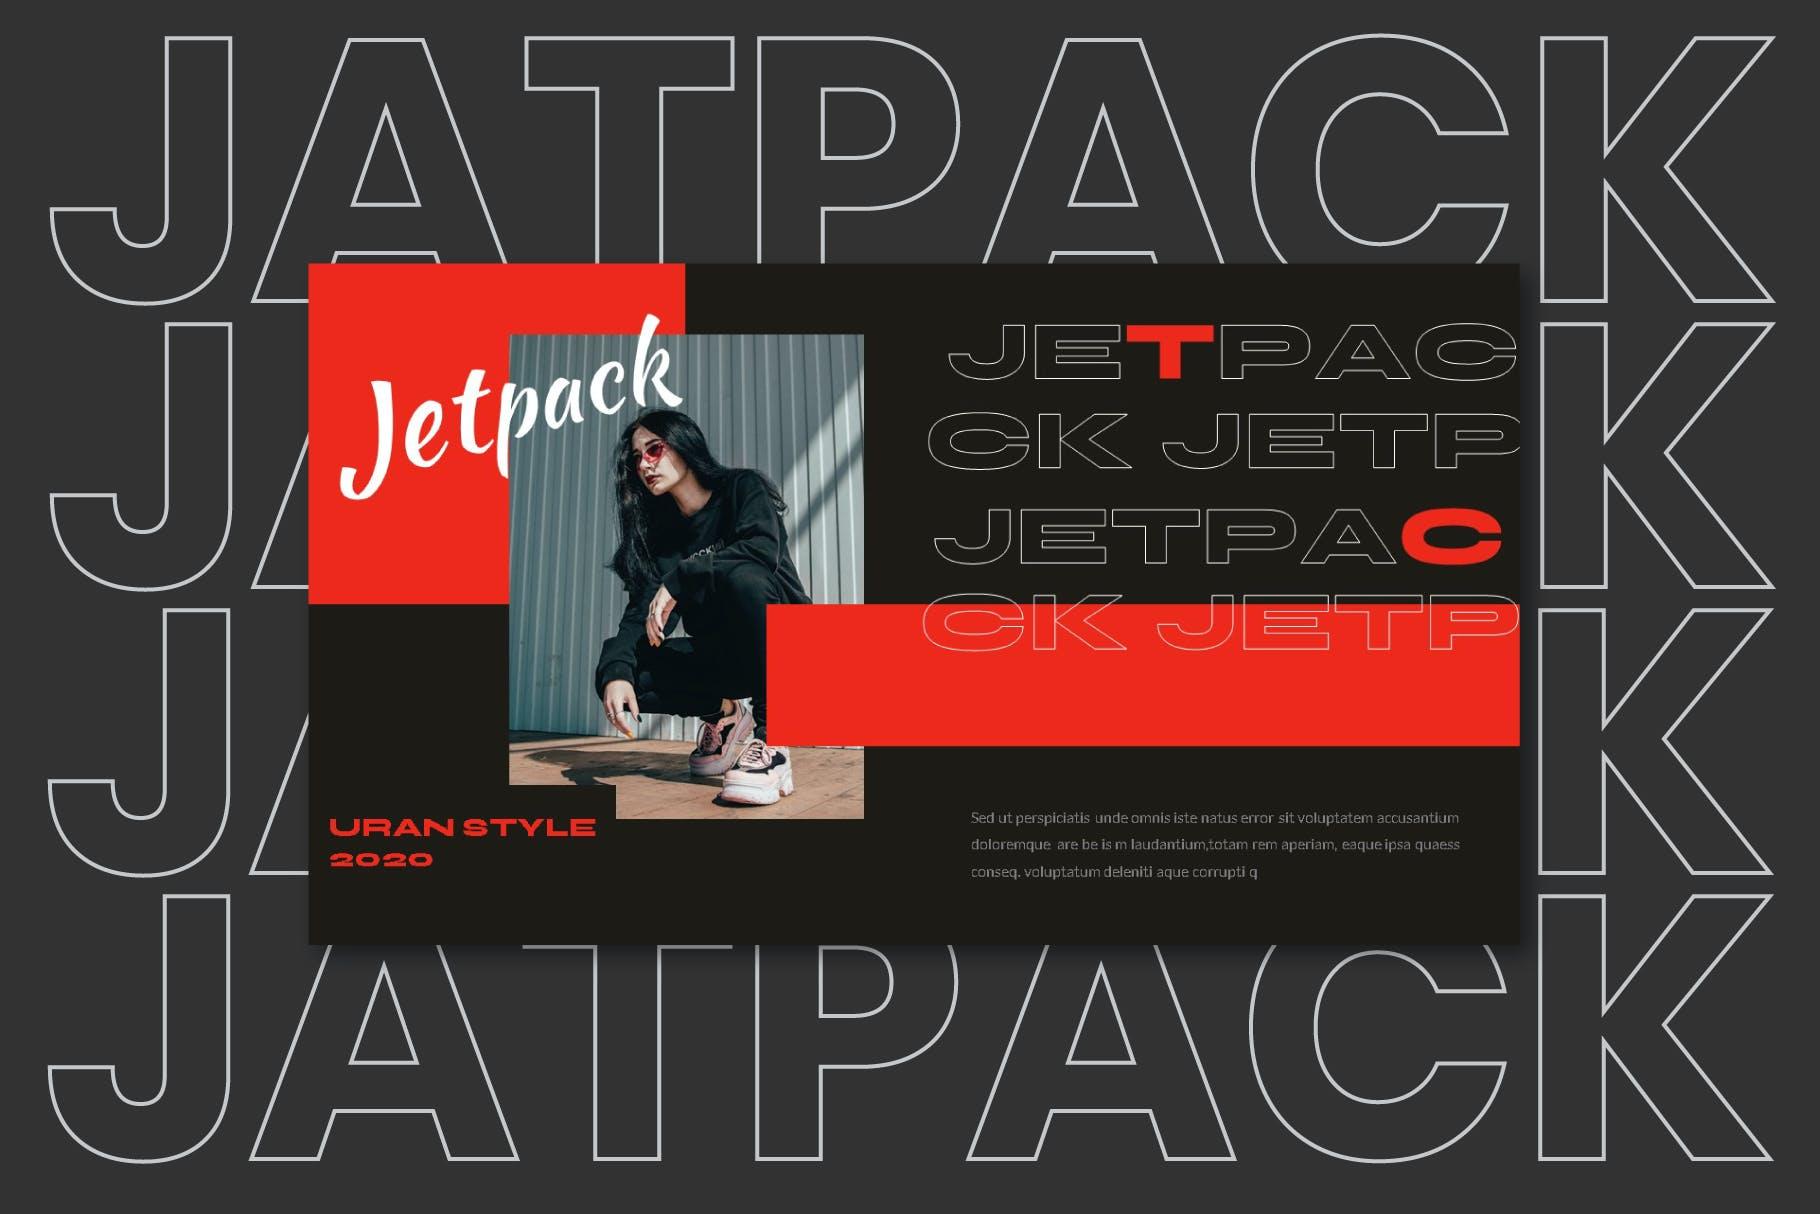 时尚潮流街头文化潮牌品牌推广深色PPT演示文稿模板 Jetpack – Powerpoint Template插图(5)